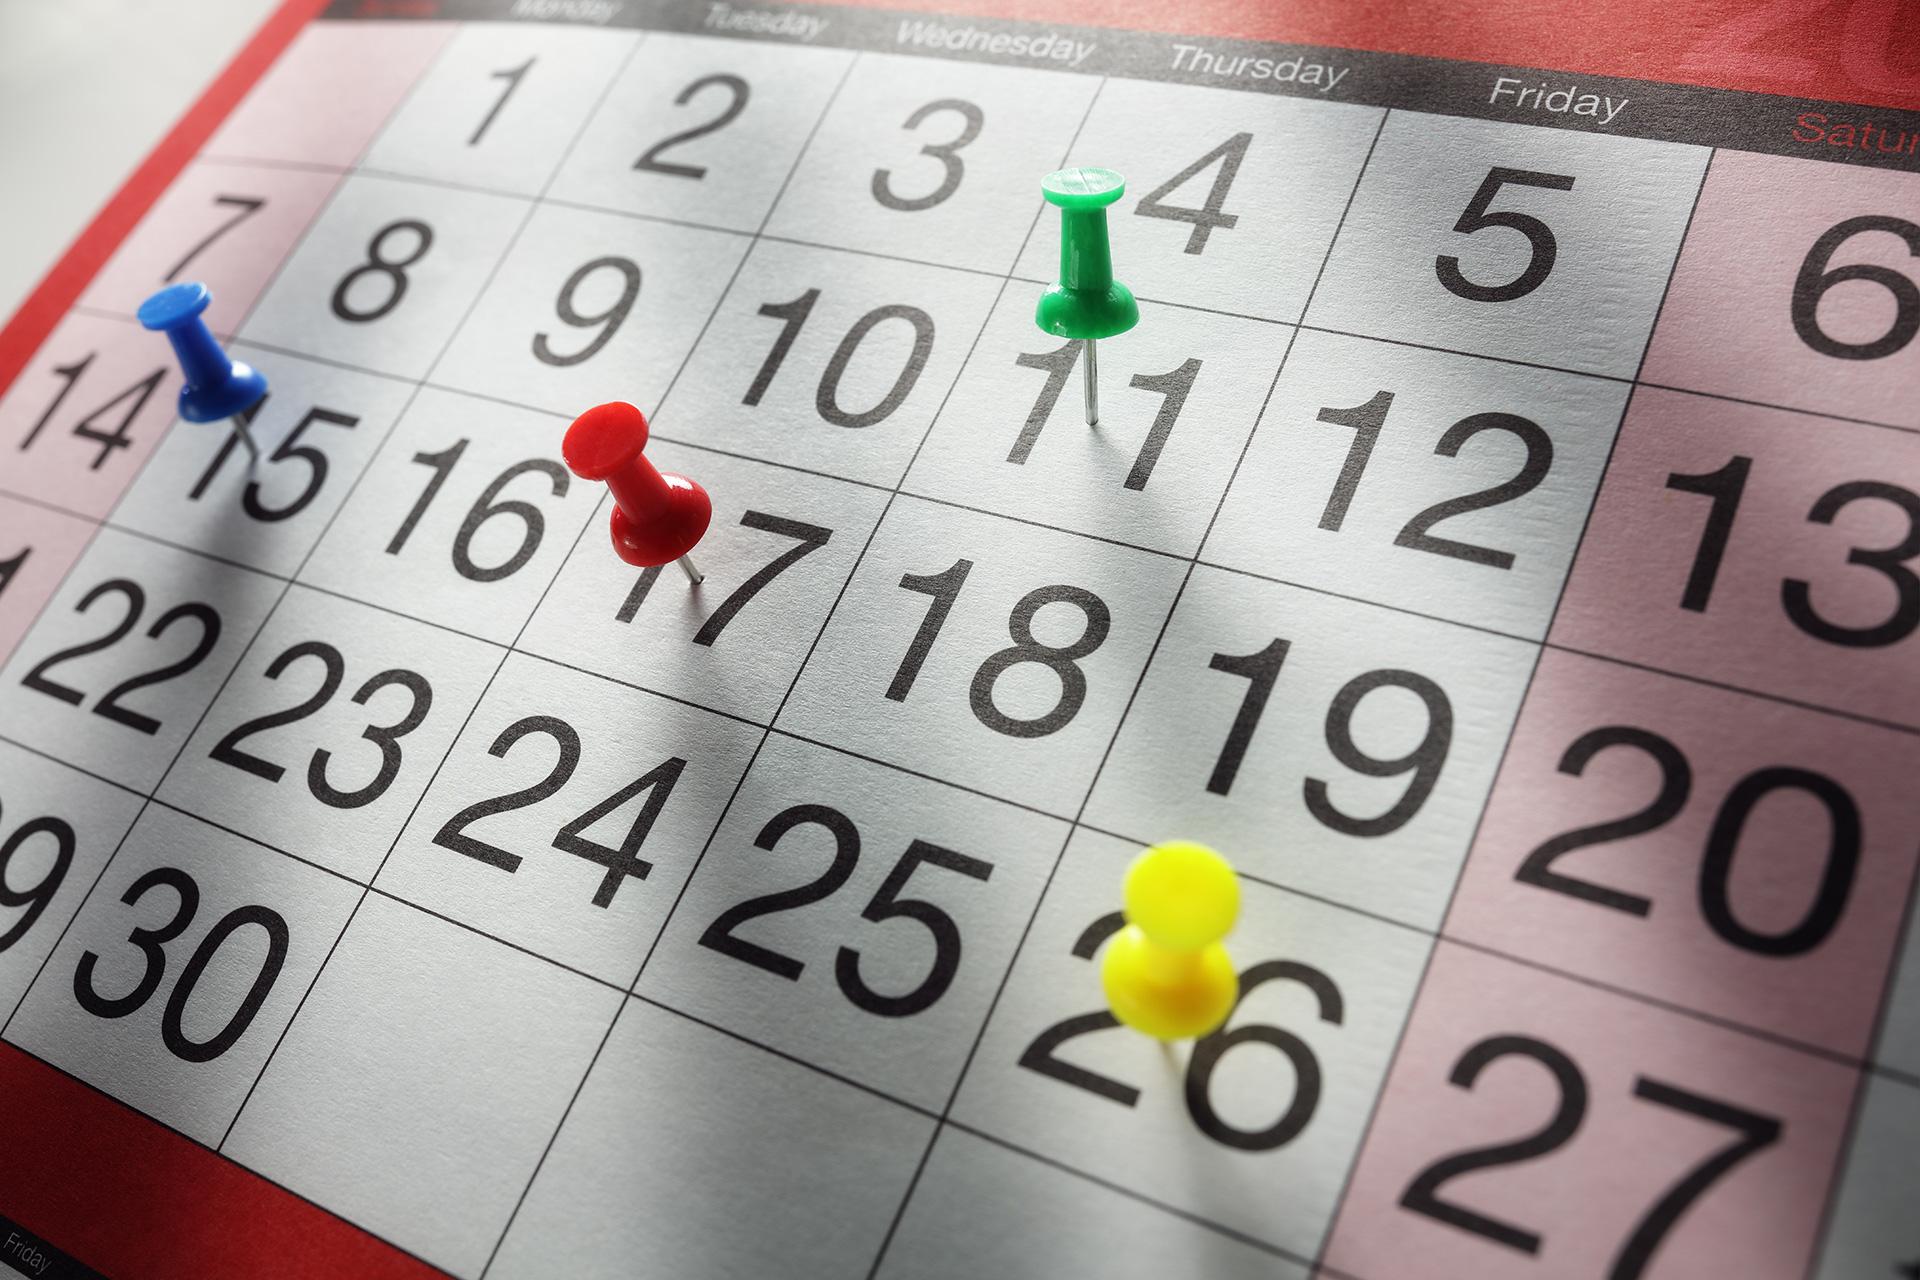 Kalendarz, ilustracja do newsa o gali KSW